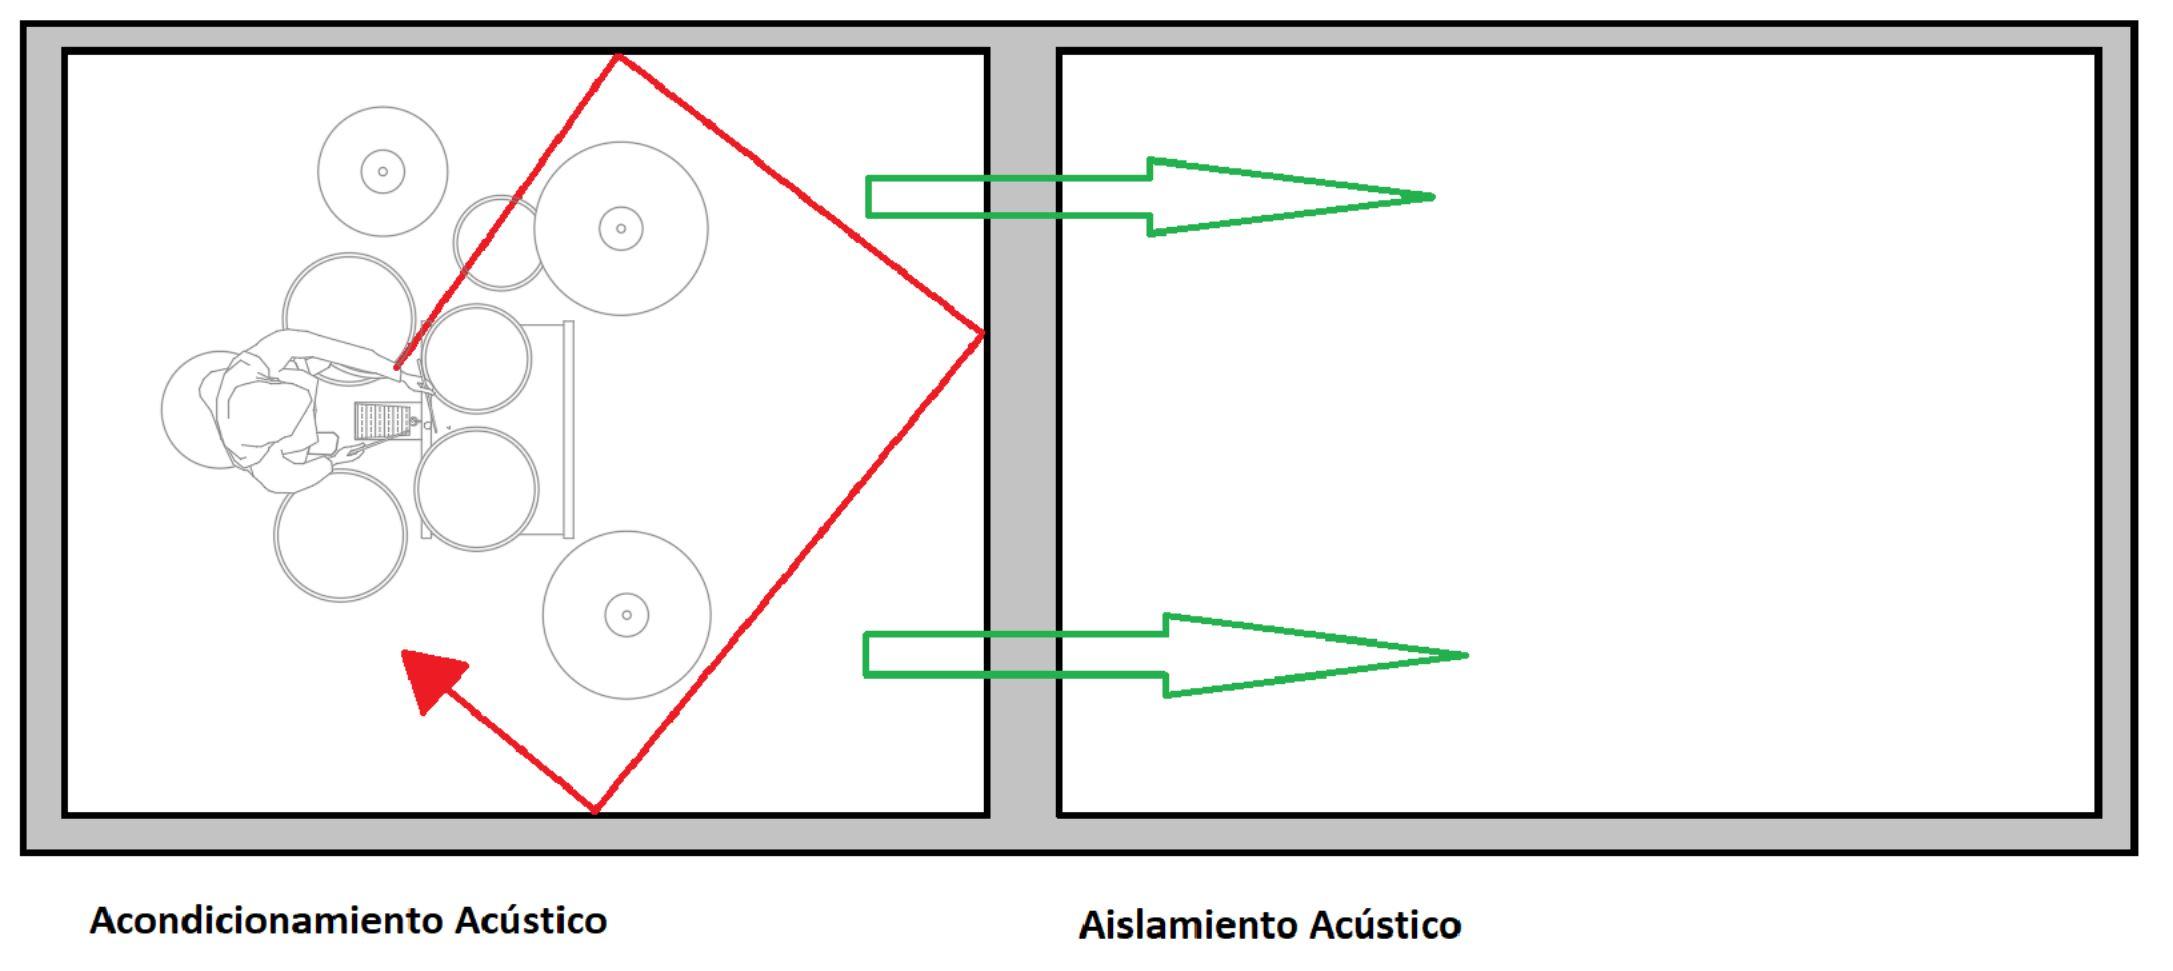 Aislamiento BLOG - SILEN Y SISTEM Ingeniería acústica - Aislamientos acústicos - Silenciadores  Acústicos- Acústica Industrial - Puertas acústicas